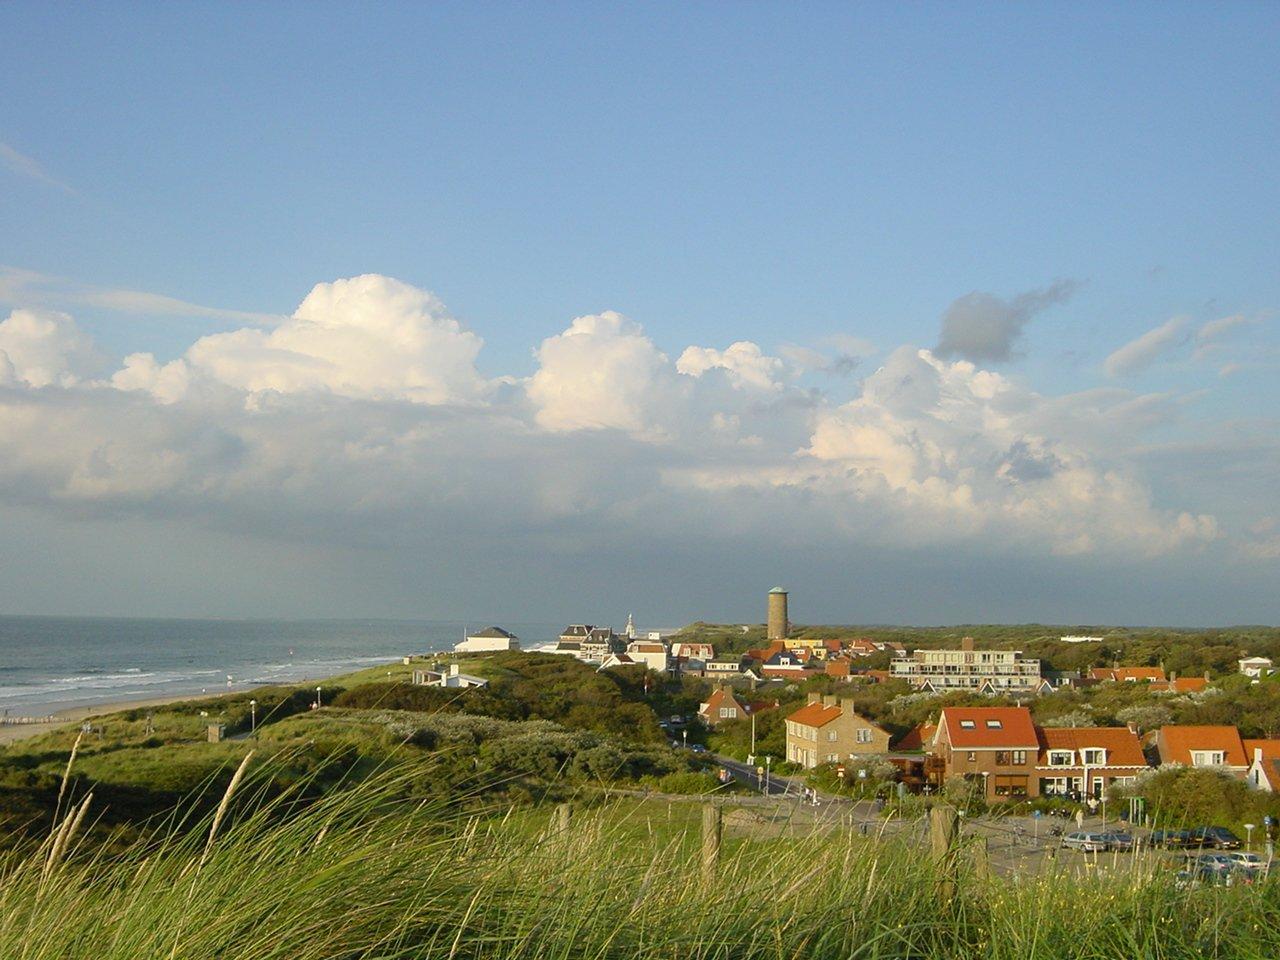 Domburg, Dünen und der Noordzee